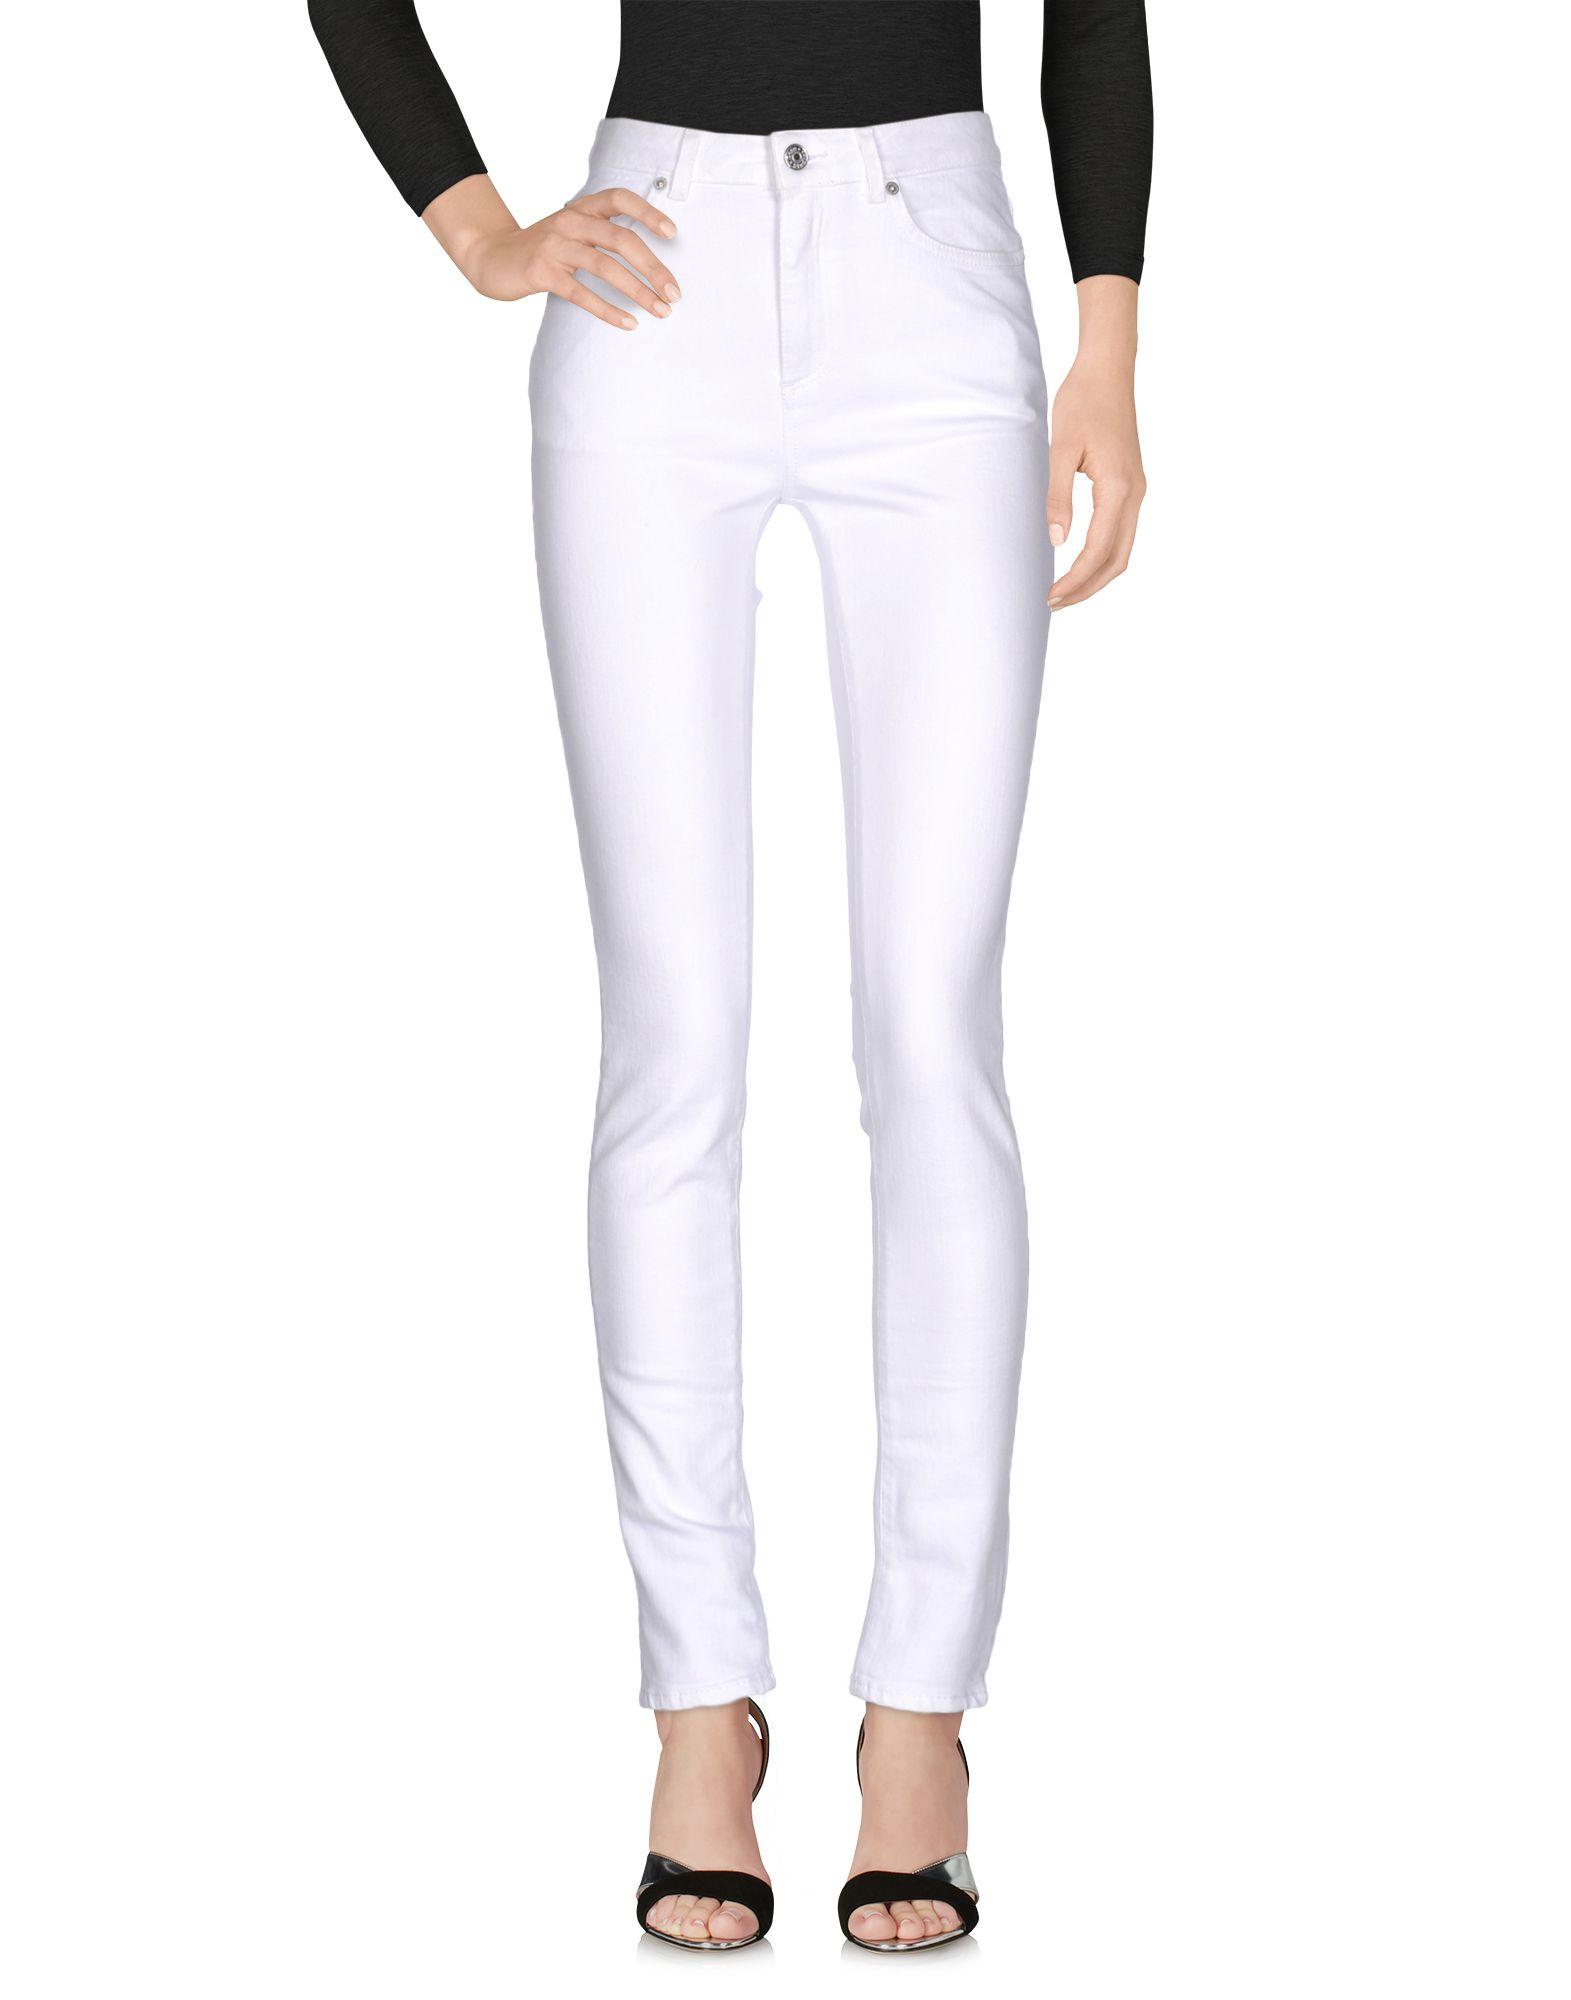 Blå Konst Climb Skinny Jeans in White